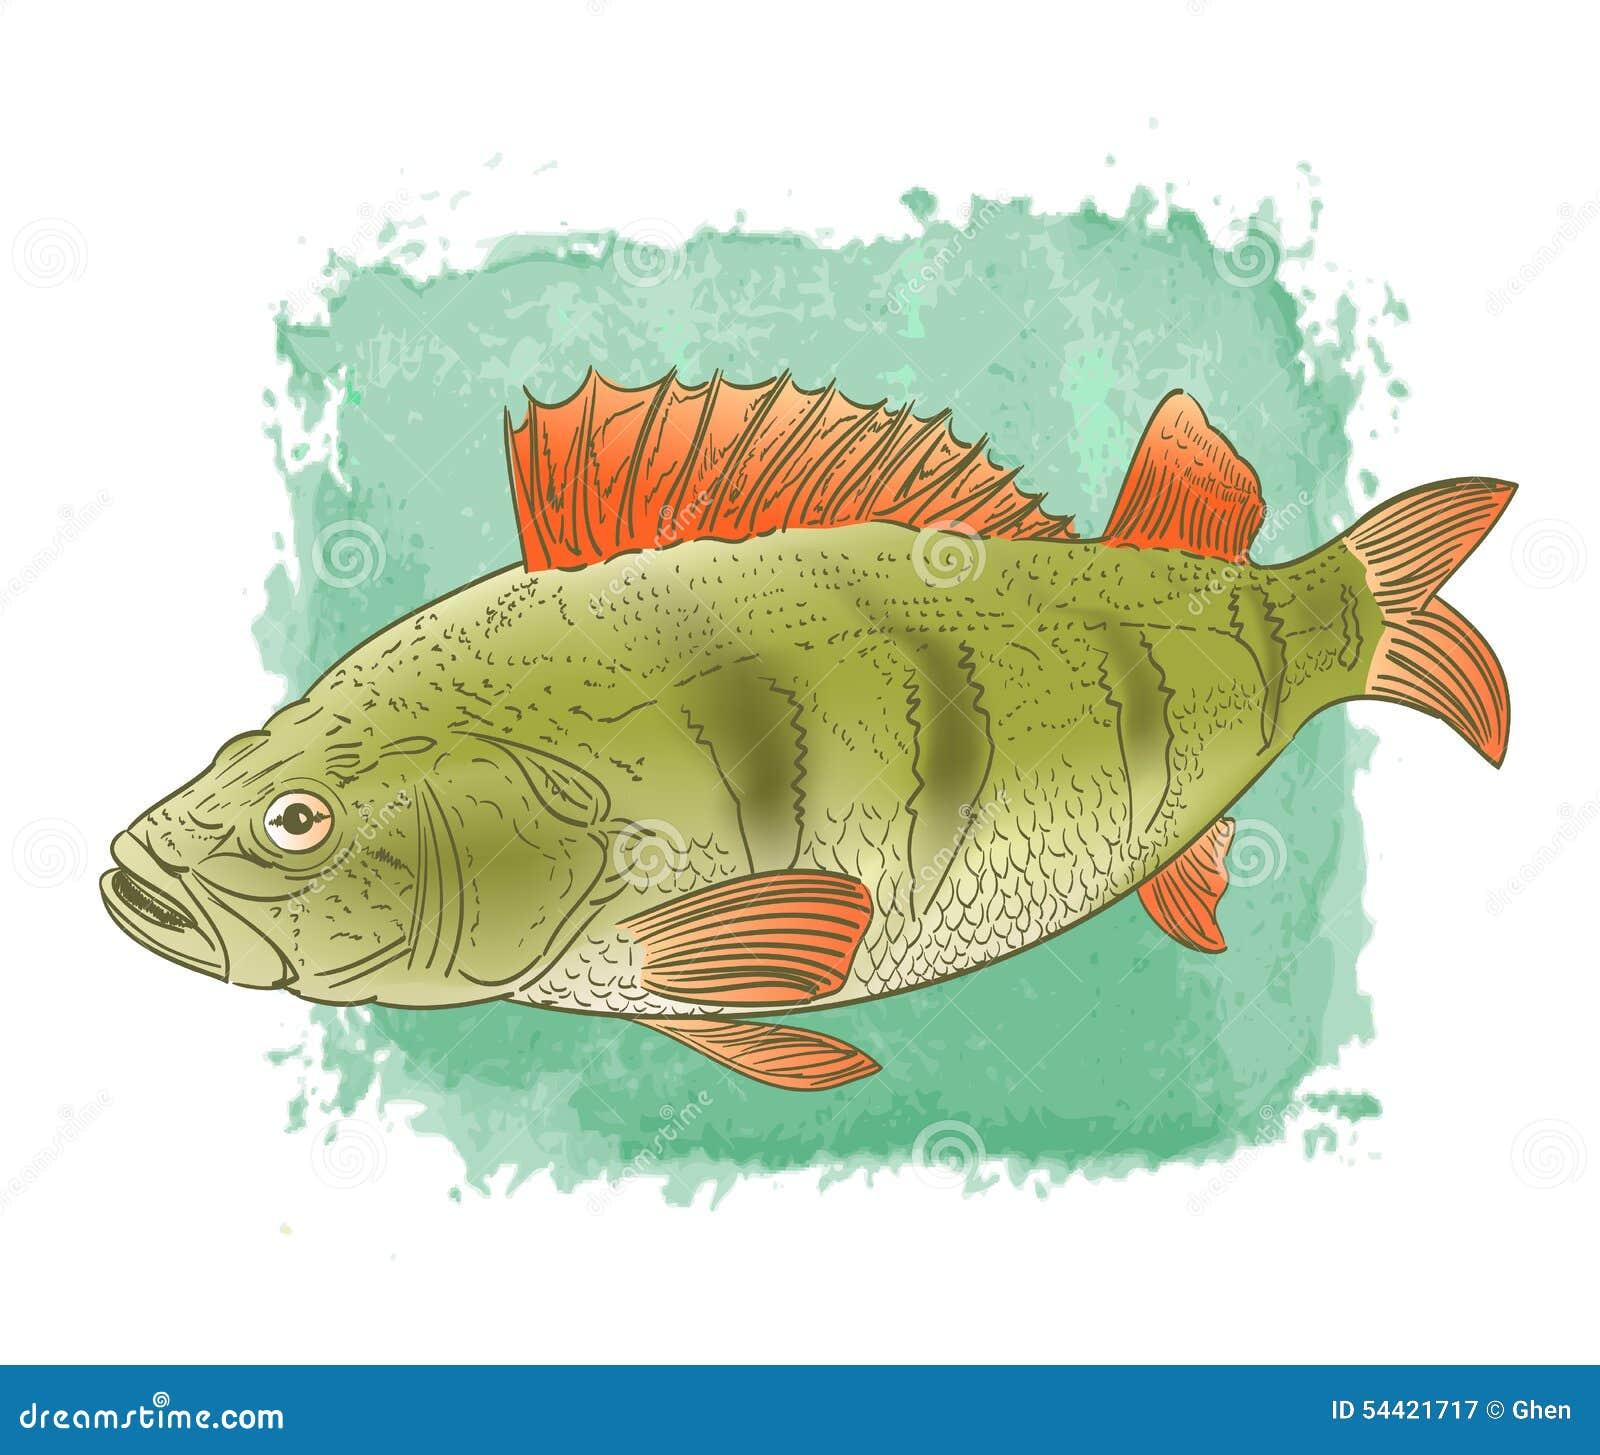 Dessin de couleur de poisson d 39 eau douce illustration de - Poisson dessin couleur ...